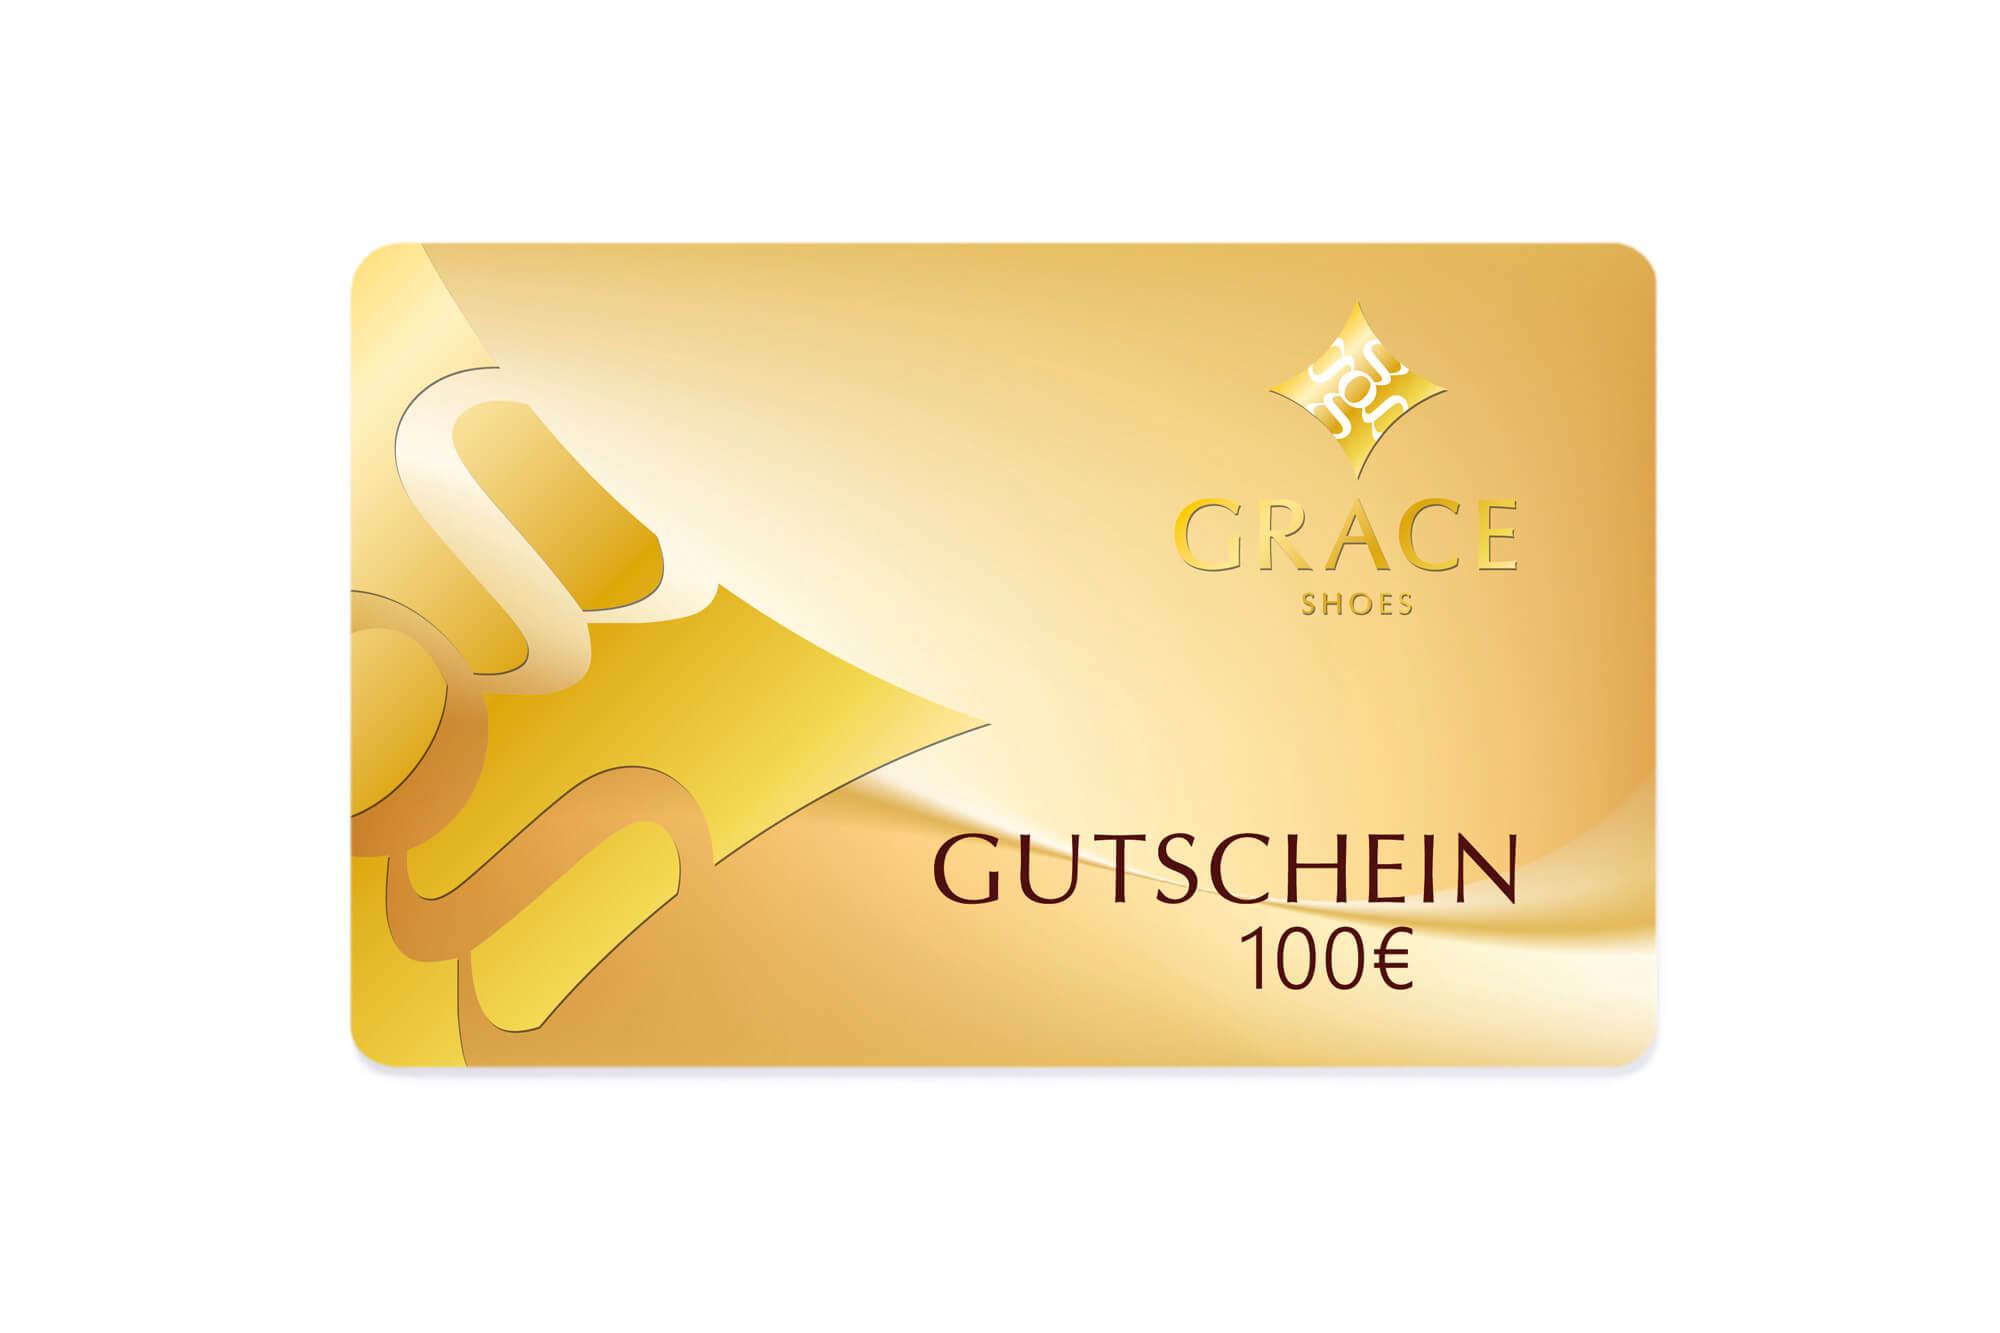 Gutscheinkarten in Gold